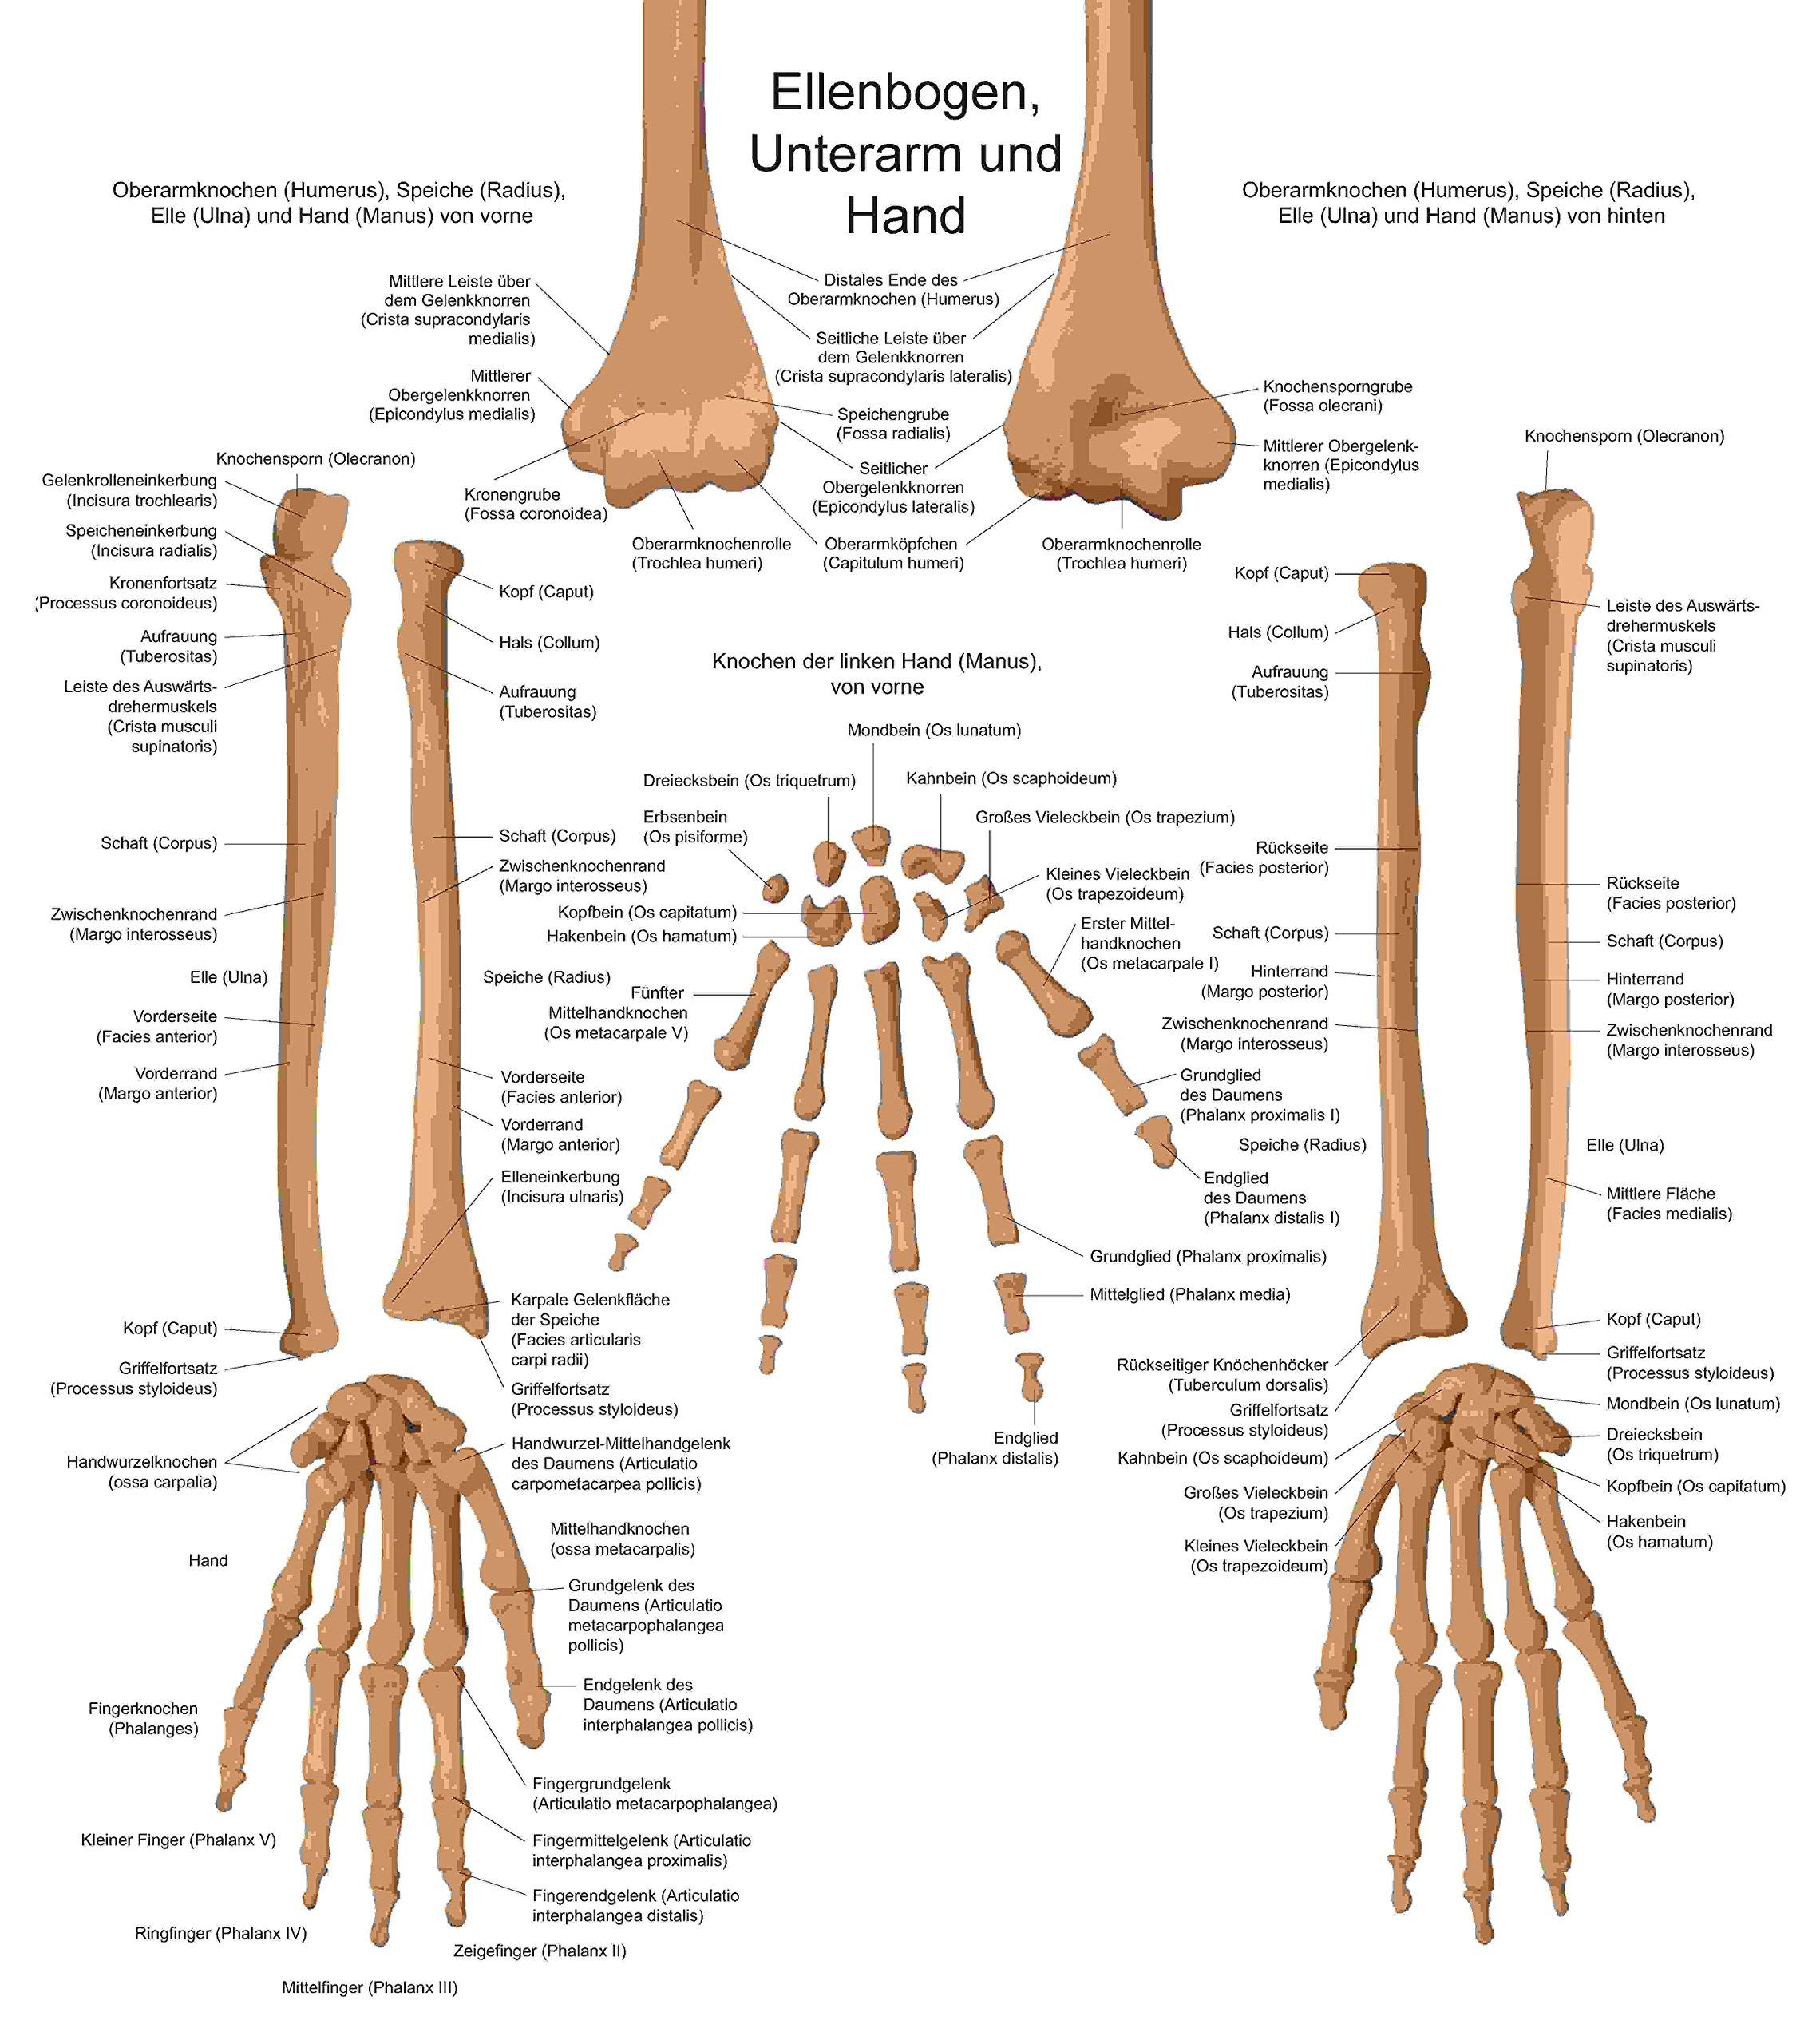 Das menschliche Skelett. Mit 10 Schautafeln und drei Riesenpostern ...